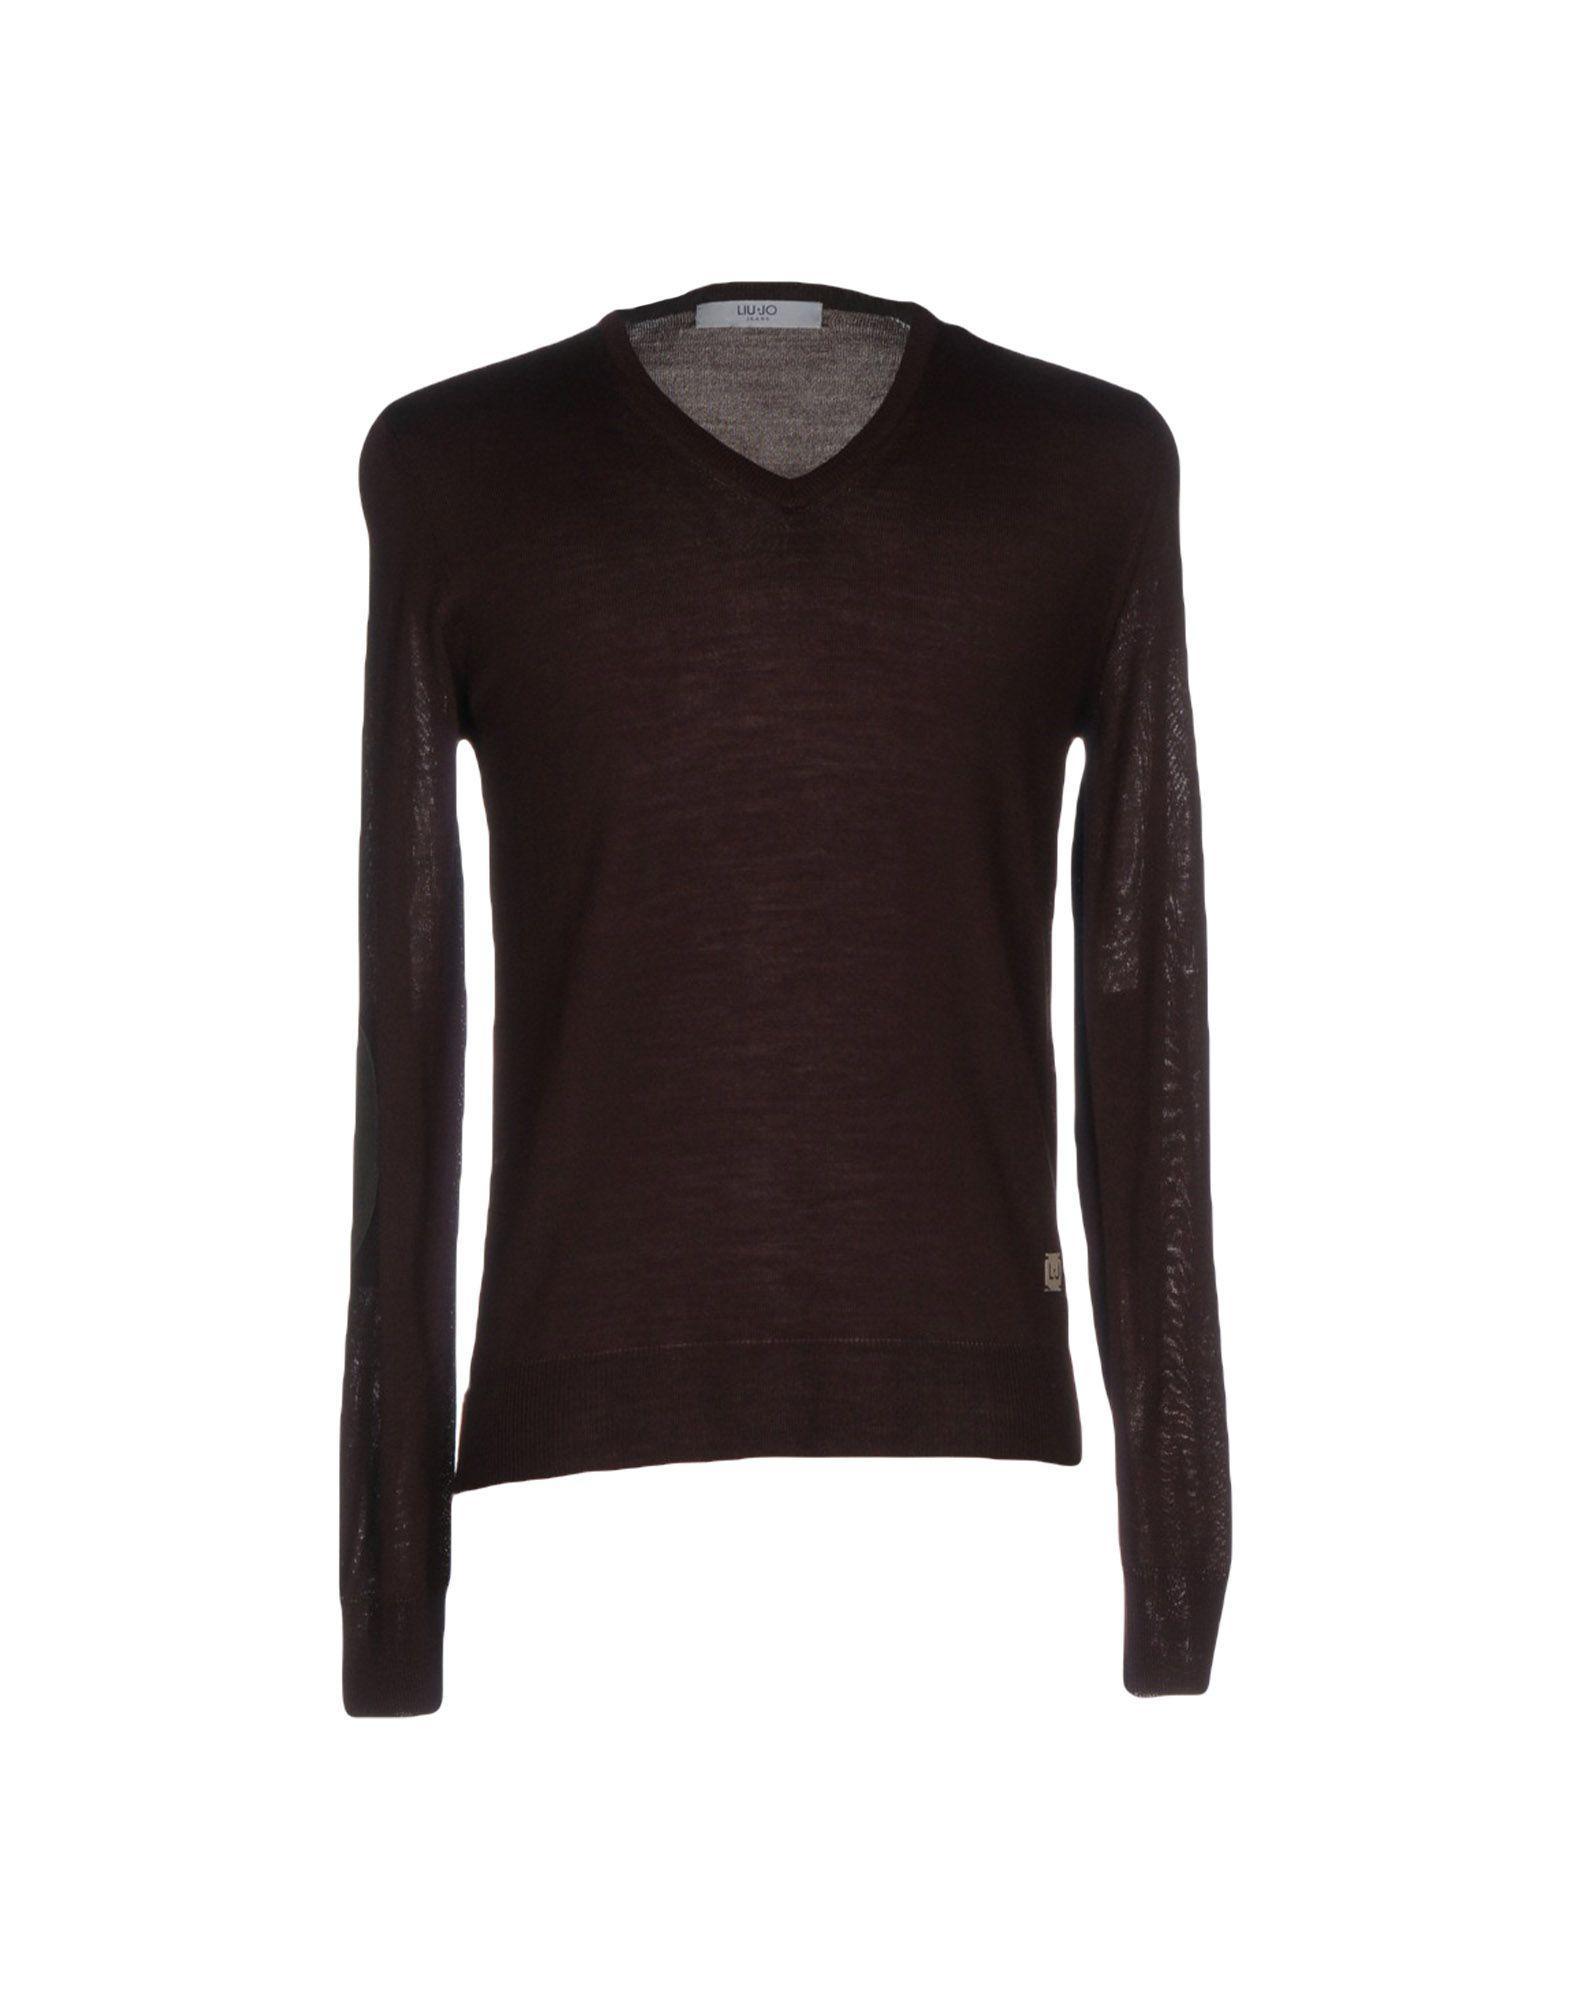 Liu •jo Sweaters In Maroon